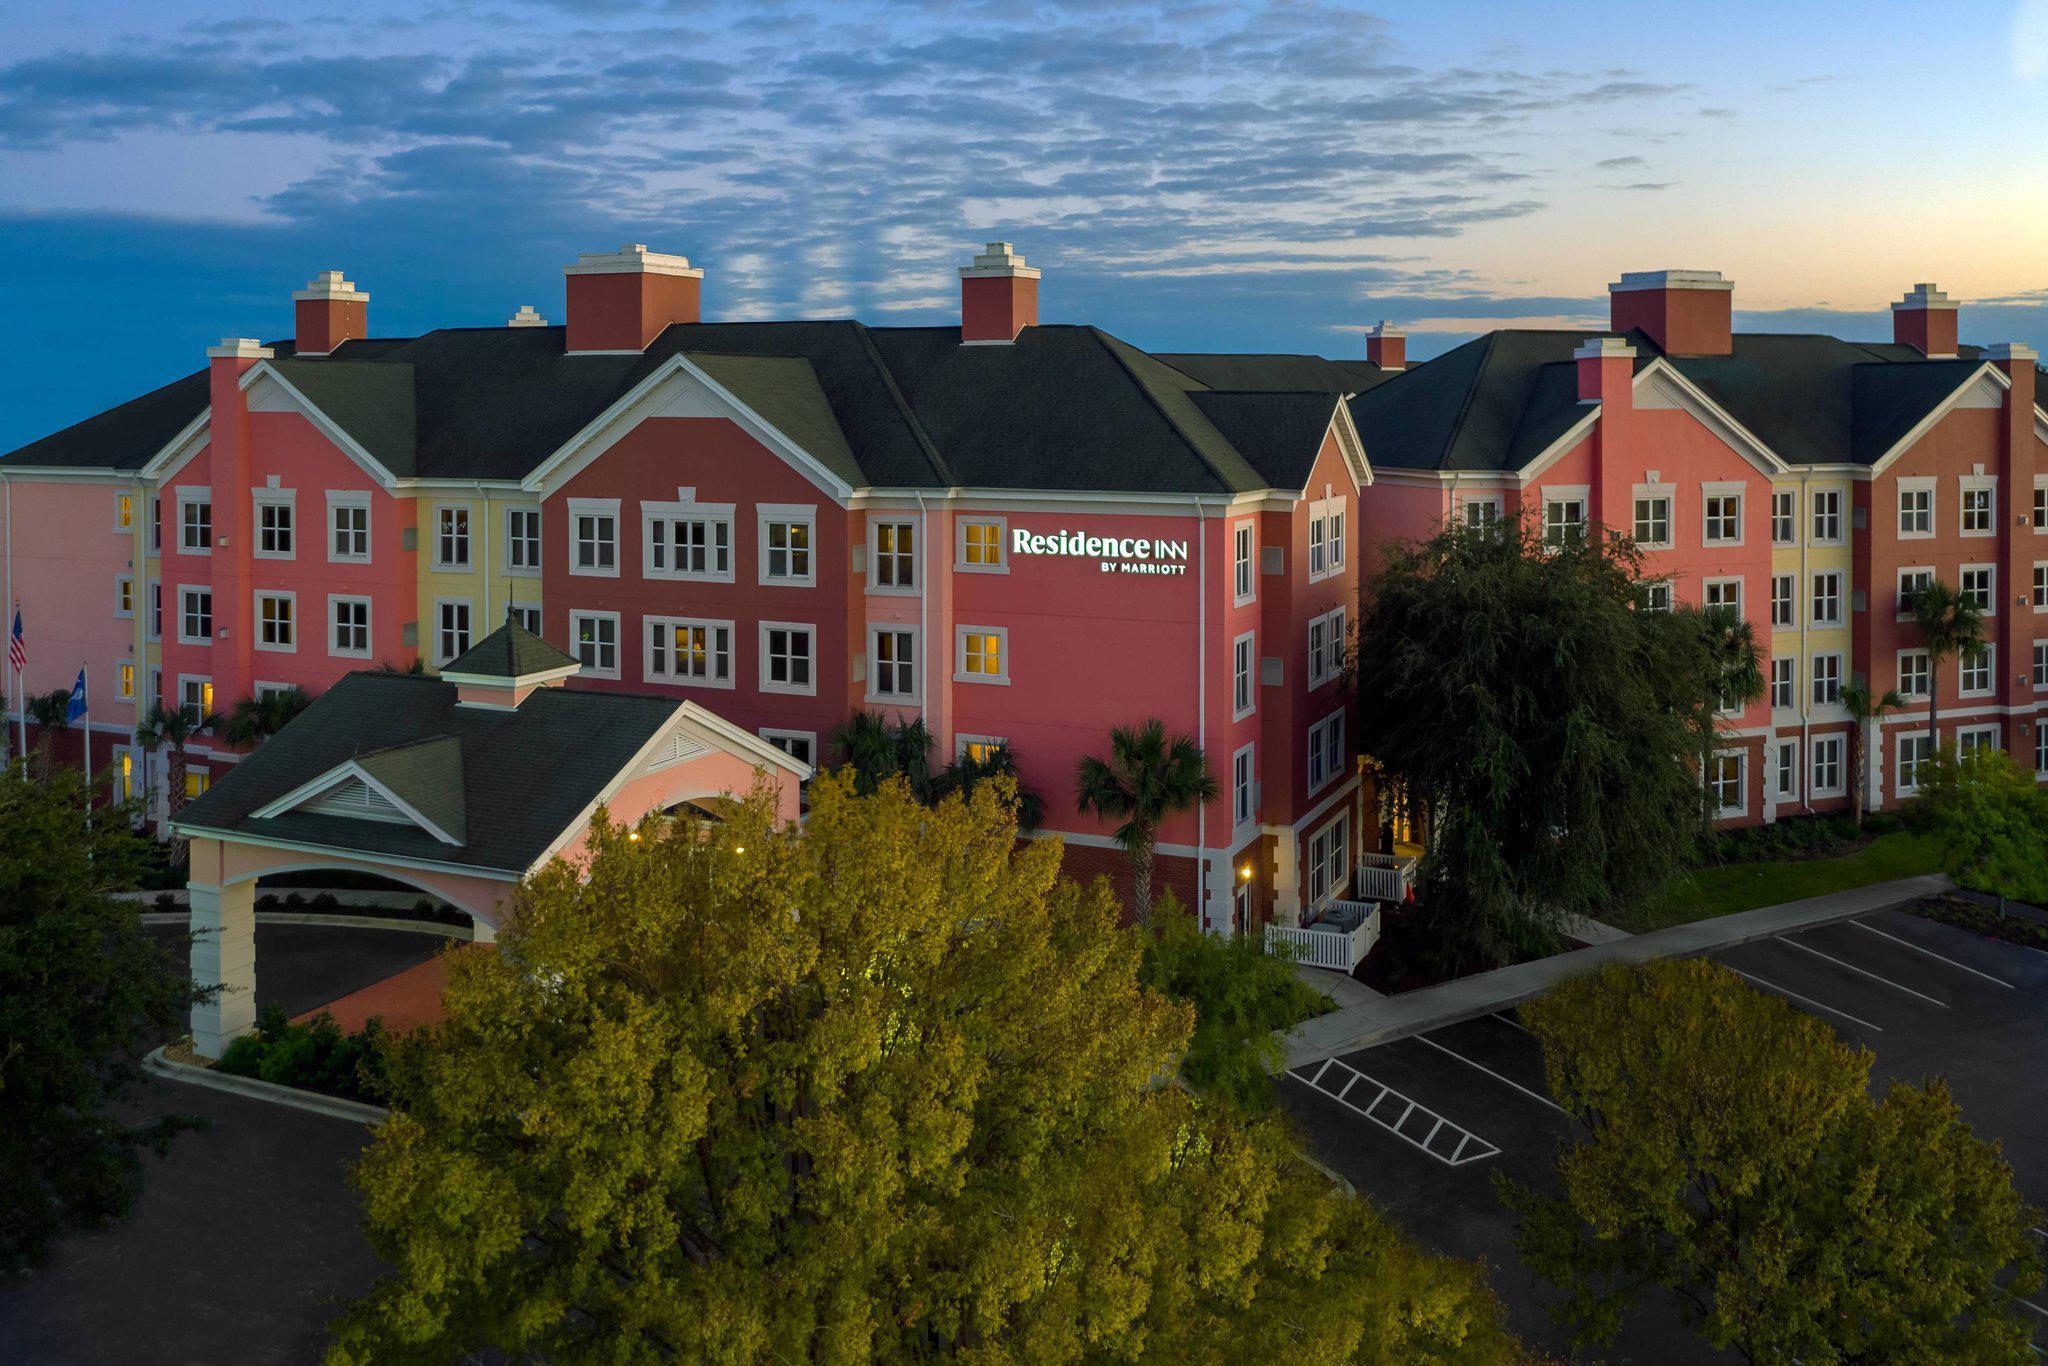 Residence Inn by Marriott Charleston Airport